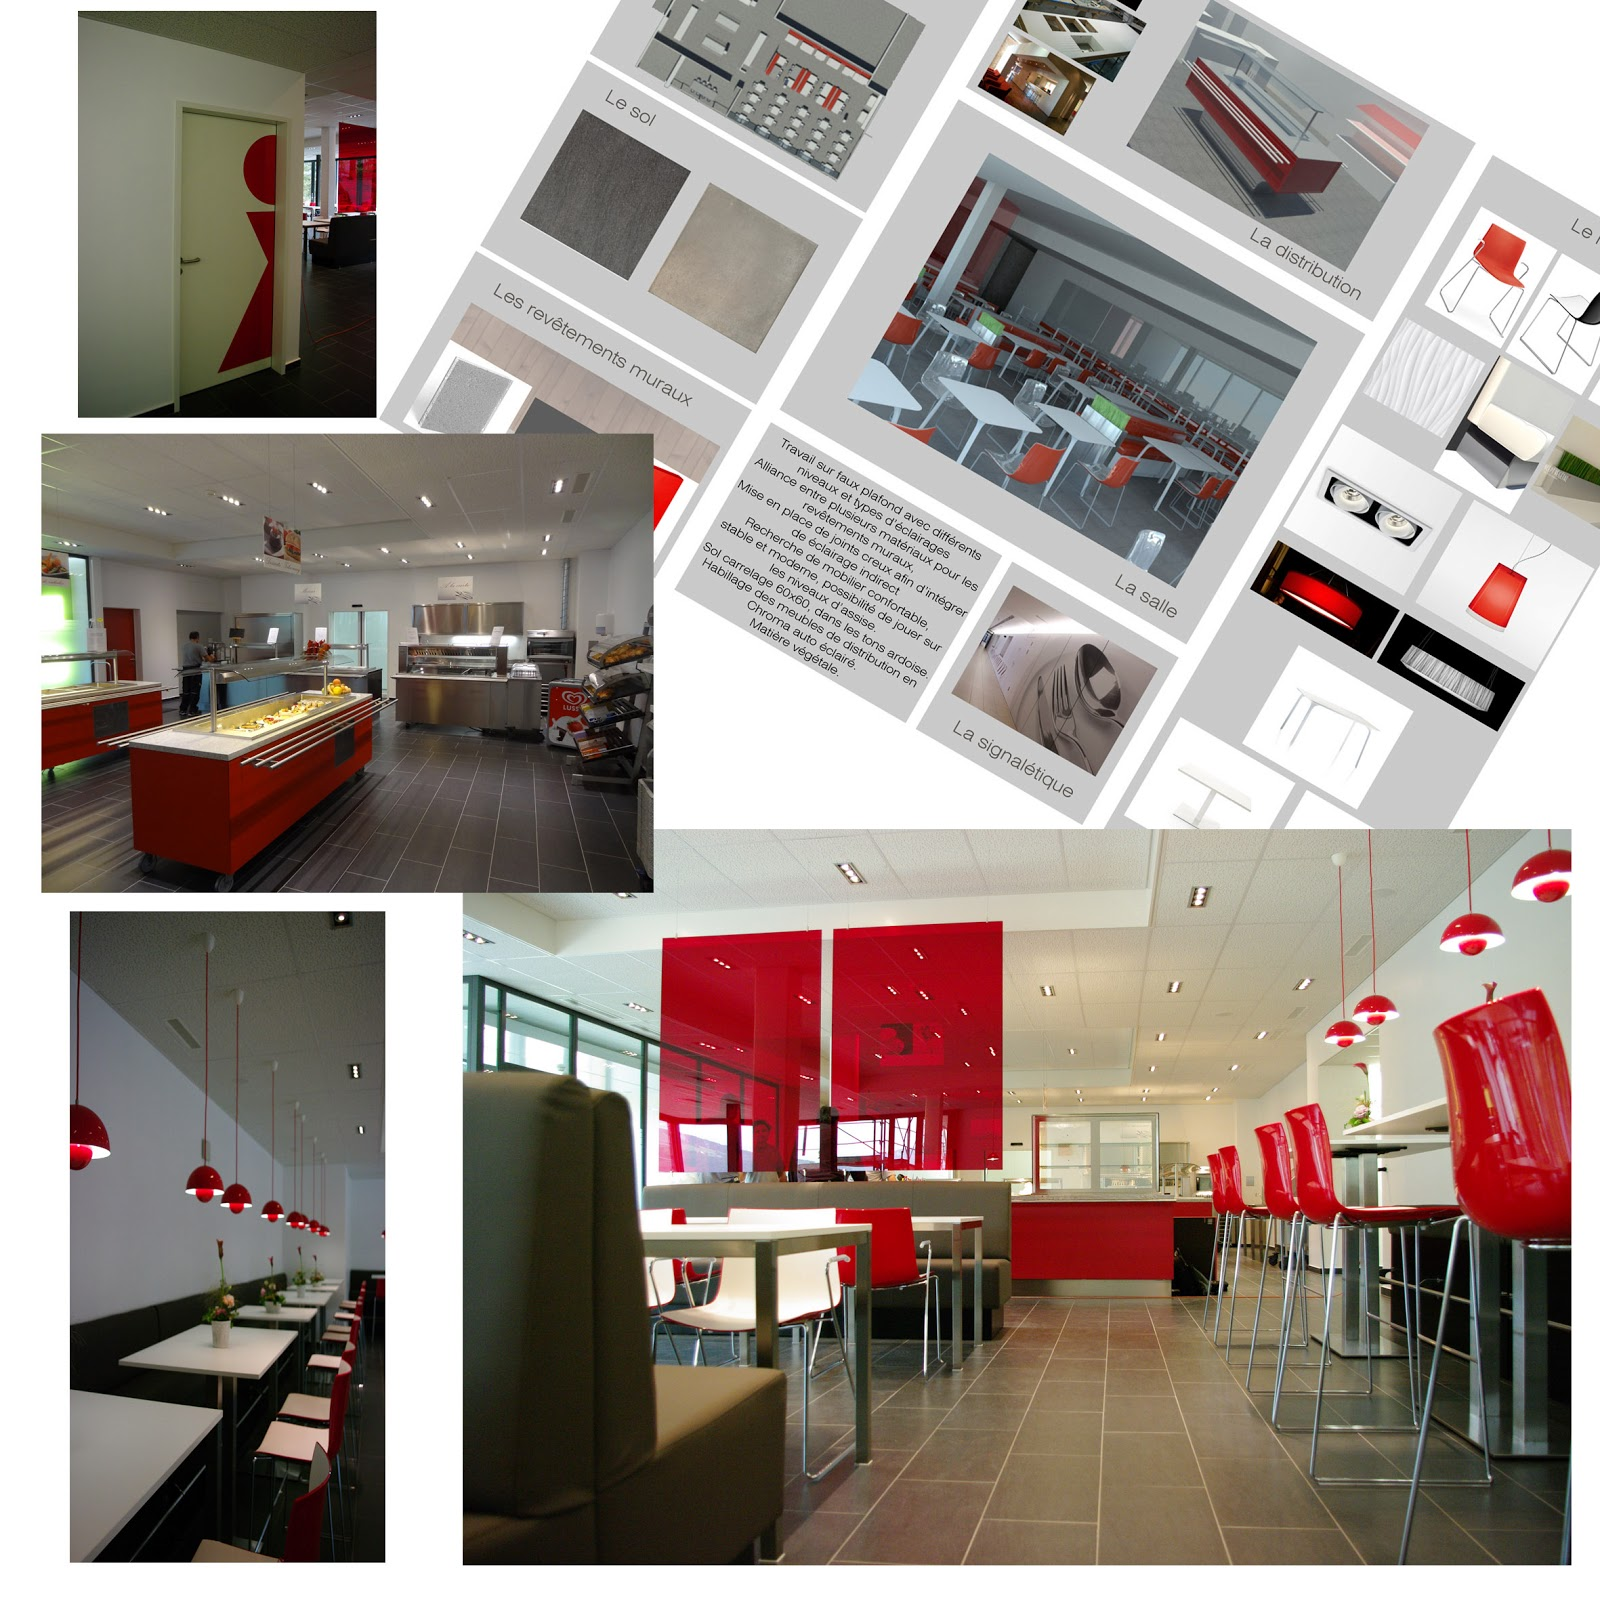 Laure marcon architecte d int rieur conception for Architecte interieur restaurant